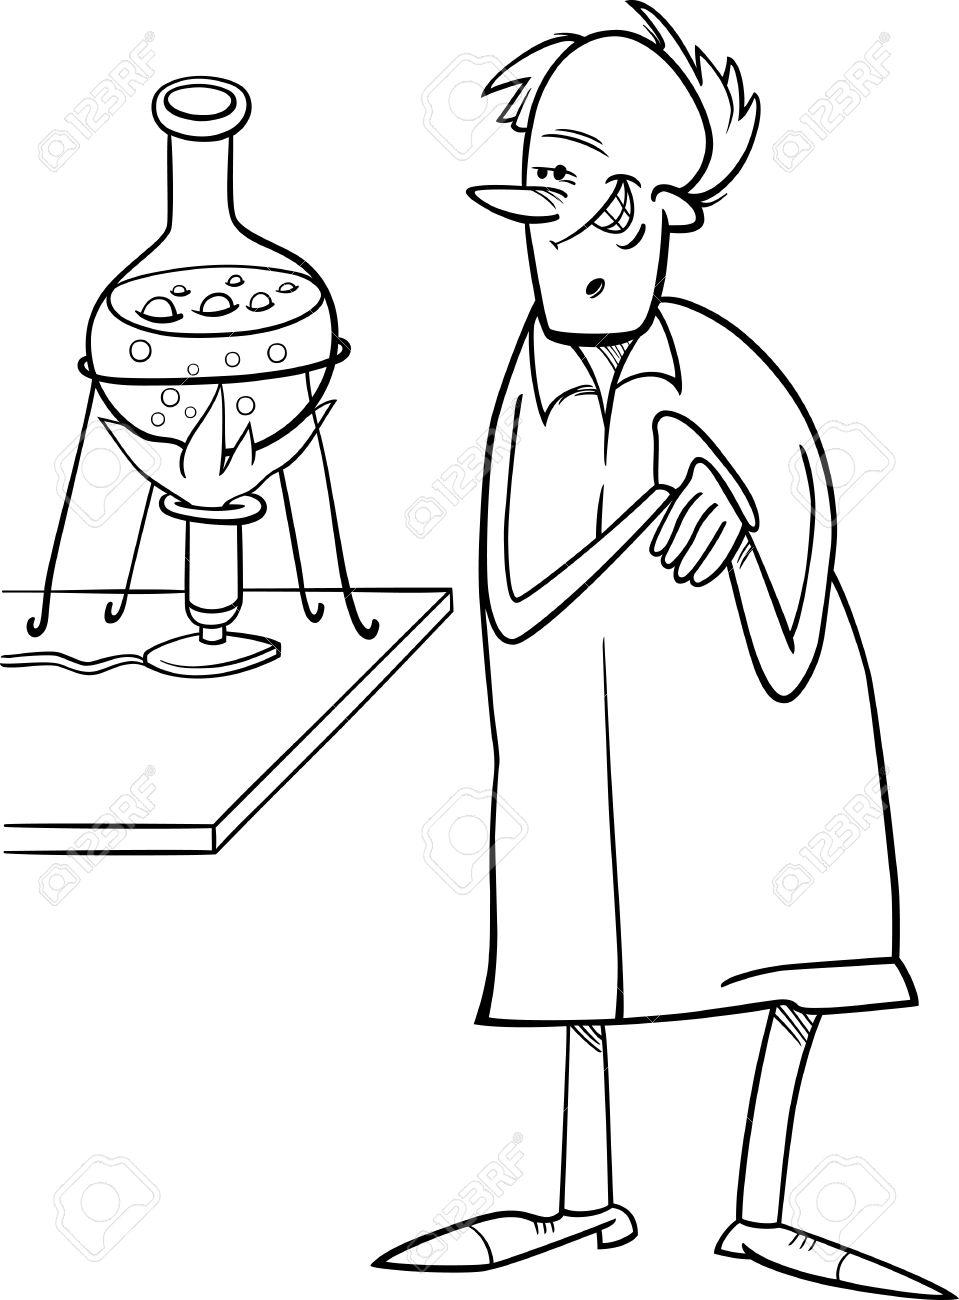 Negro Y Dibujos Animados De Blanco Ilustración De Divertido ...